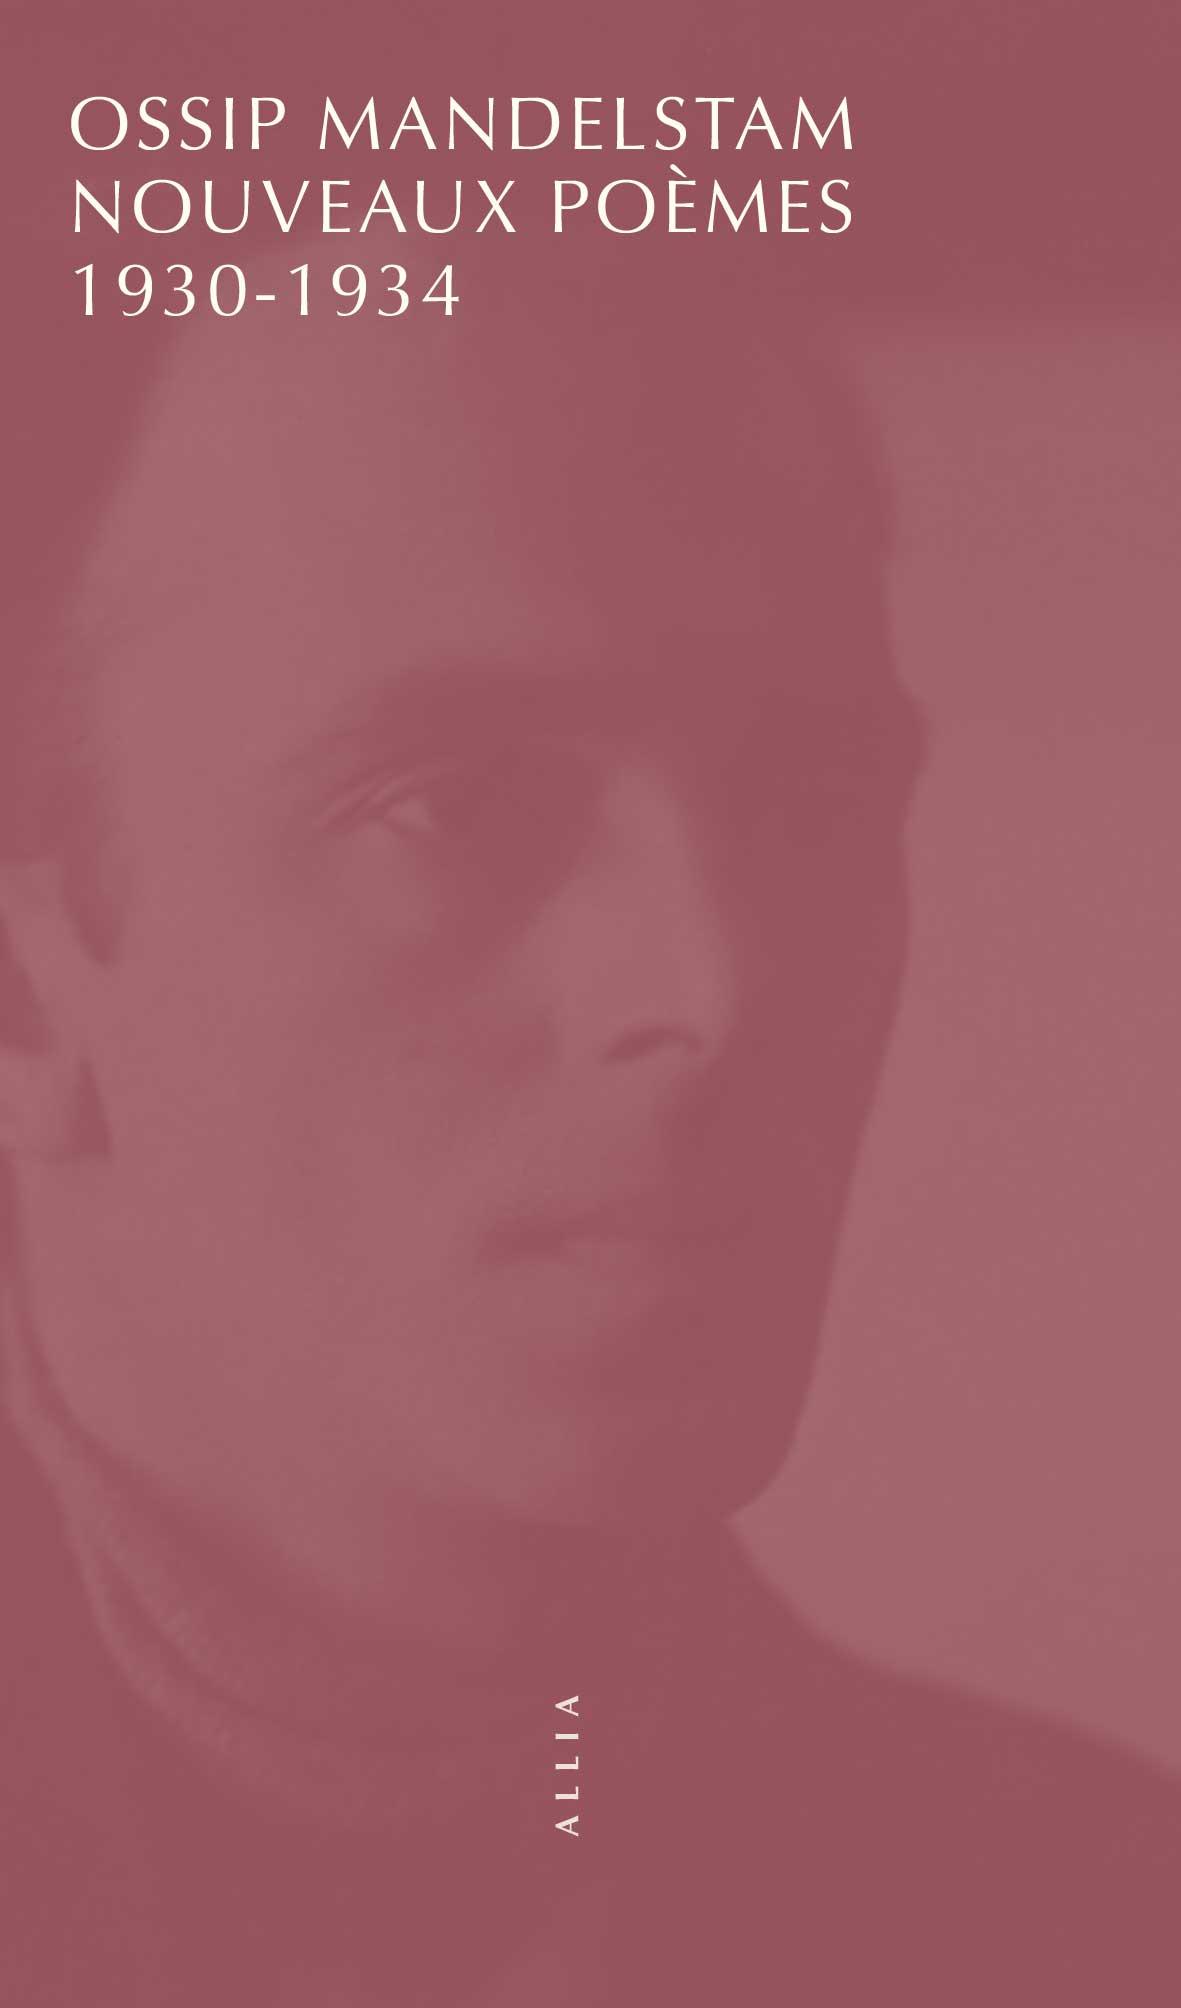 O. Mandelstam, Nouveaux poèmes 1930-1934